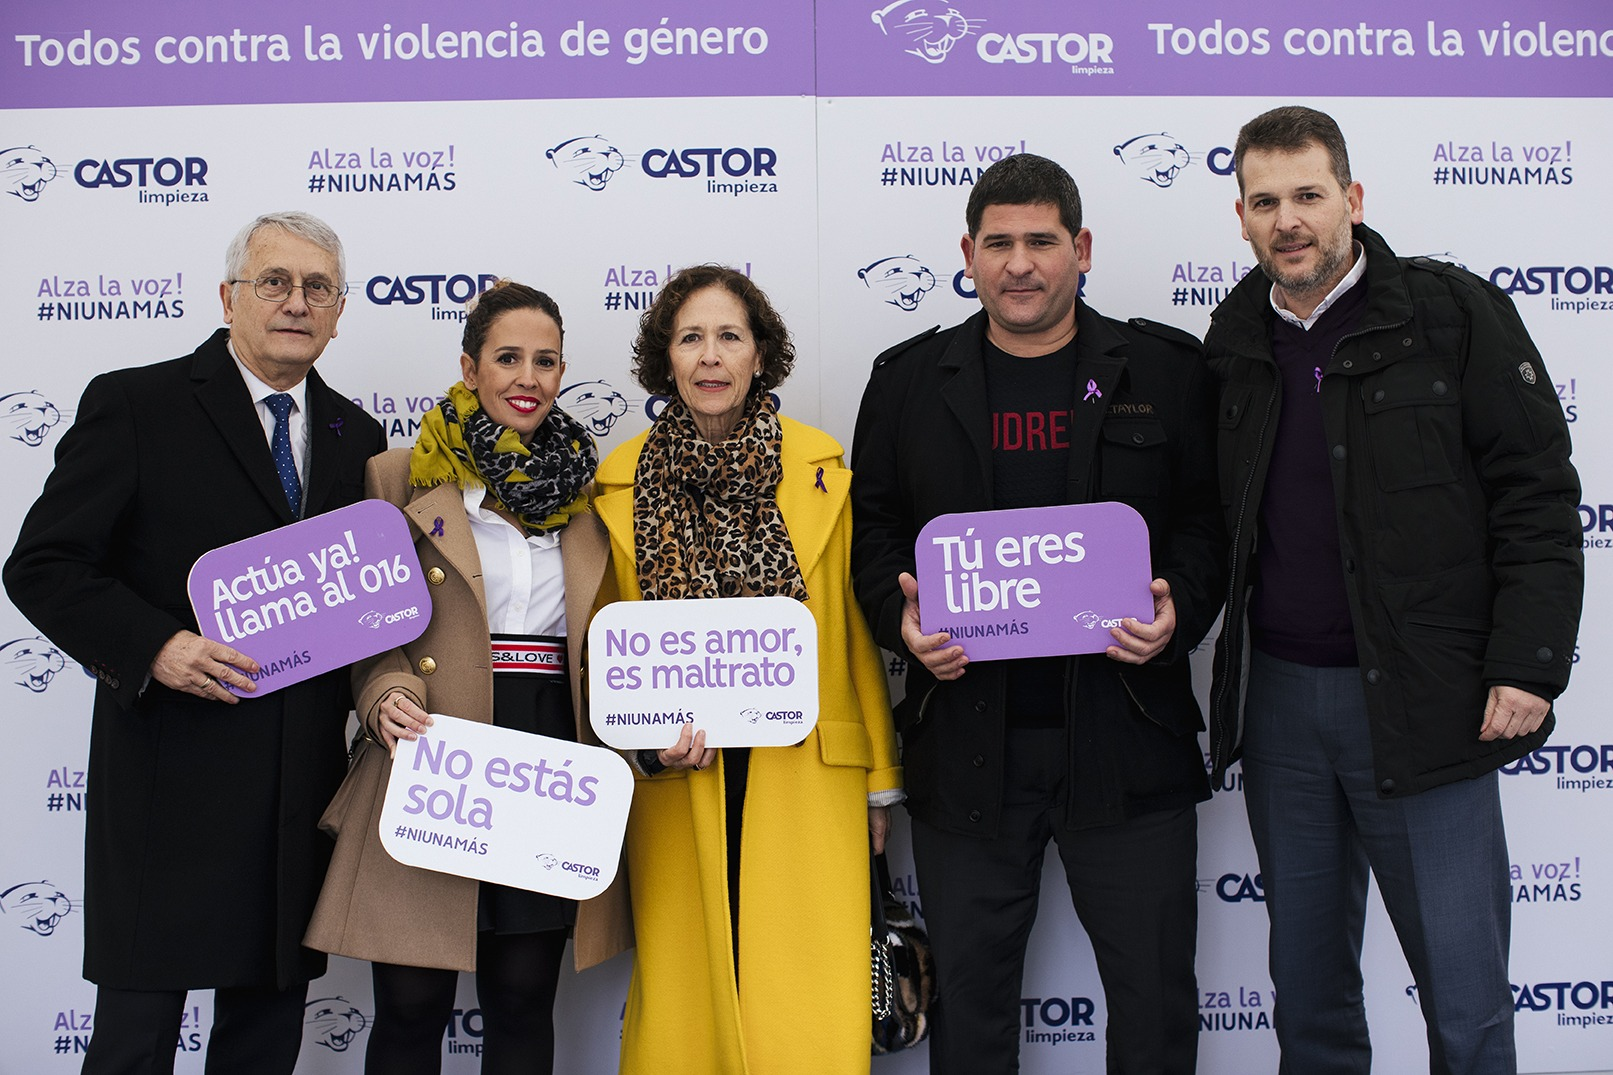 Limpiezas Castor. 25N-084 Empresa de Limpieza Granada. Limpiezas Castor